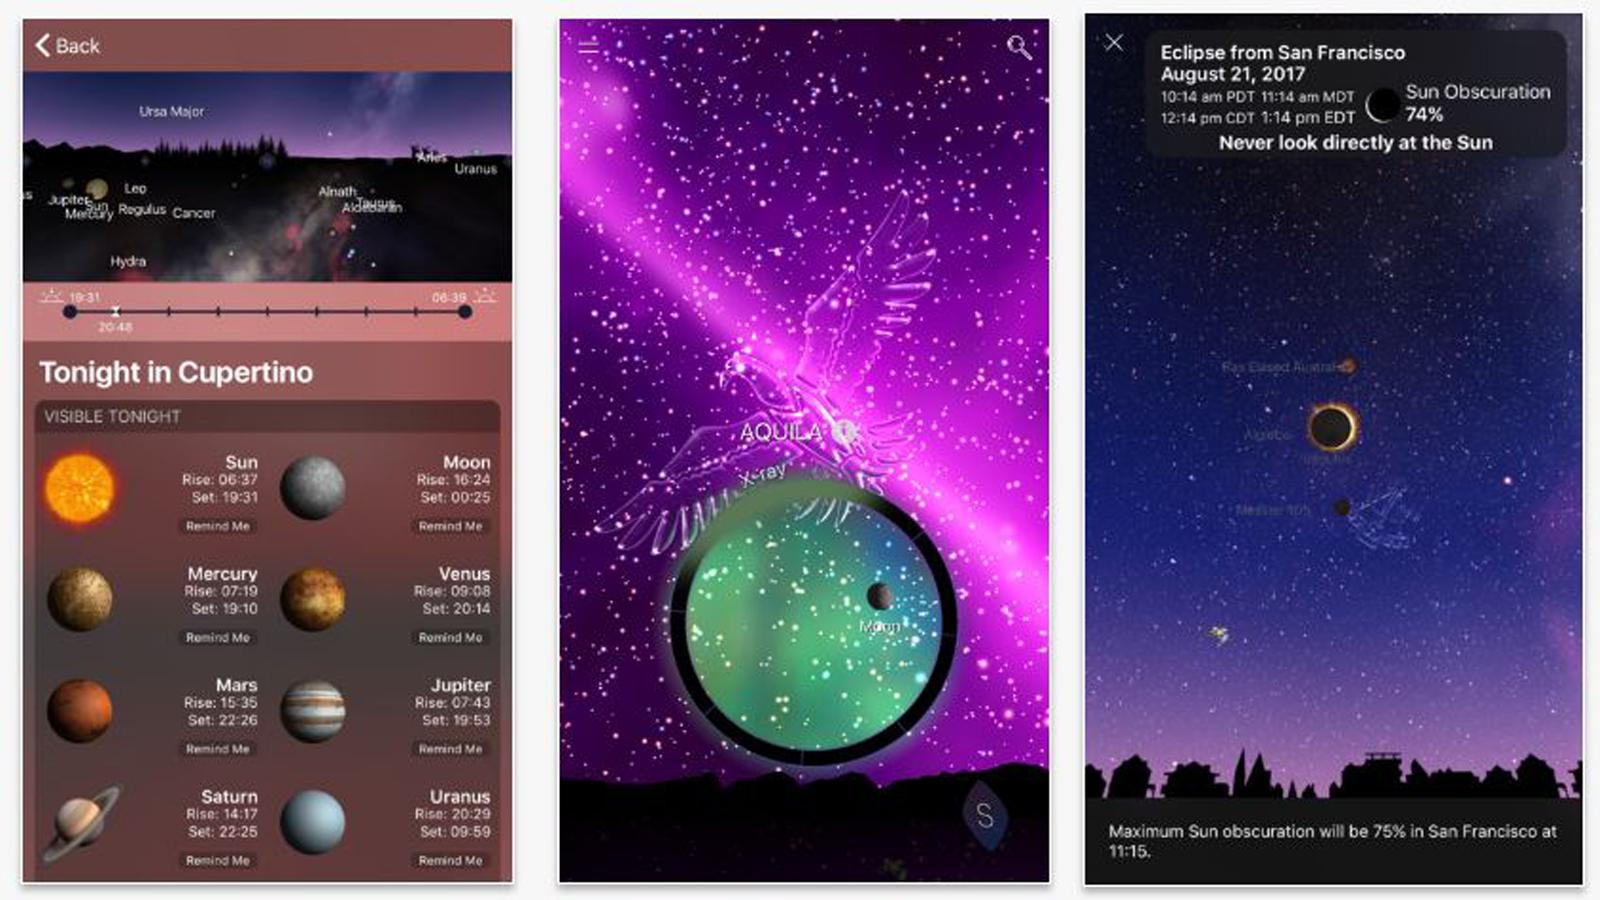 Sternbilder apps möglichkeiten den nachthimmel zu ergründen